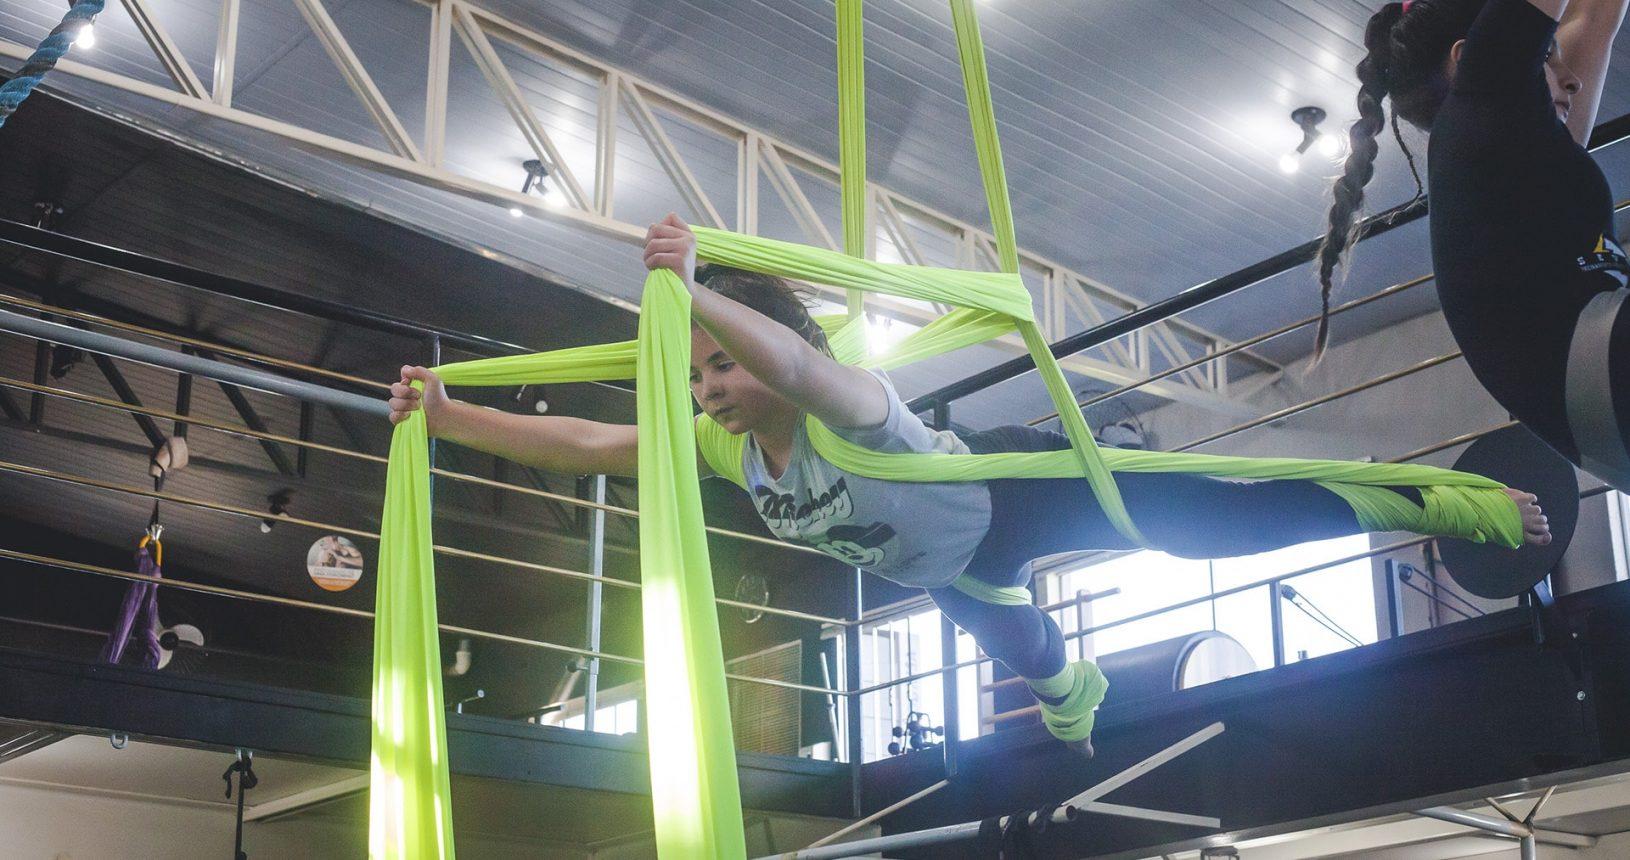 seven-academia-em-paulinia-centro-de-bem-estar-tecido-acrobatico-min